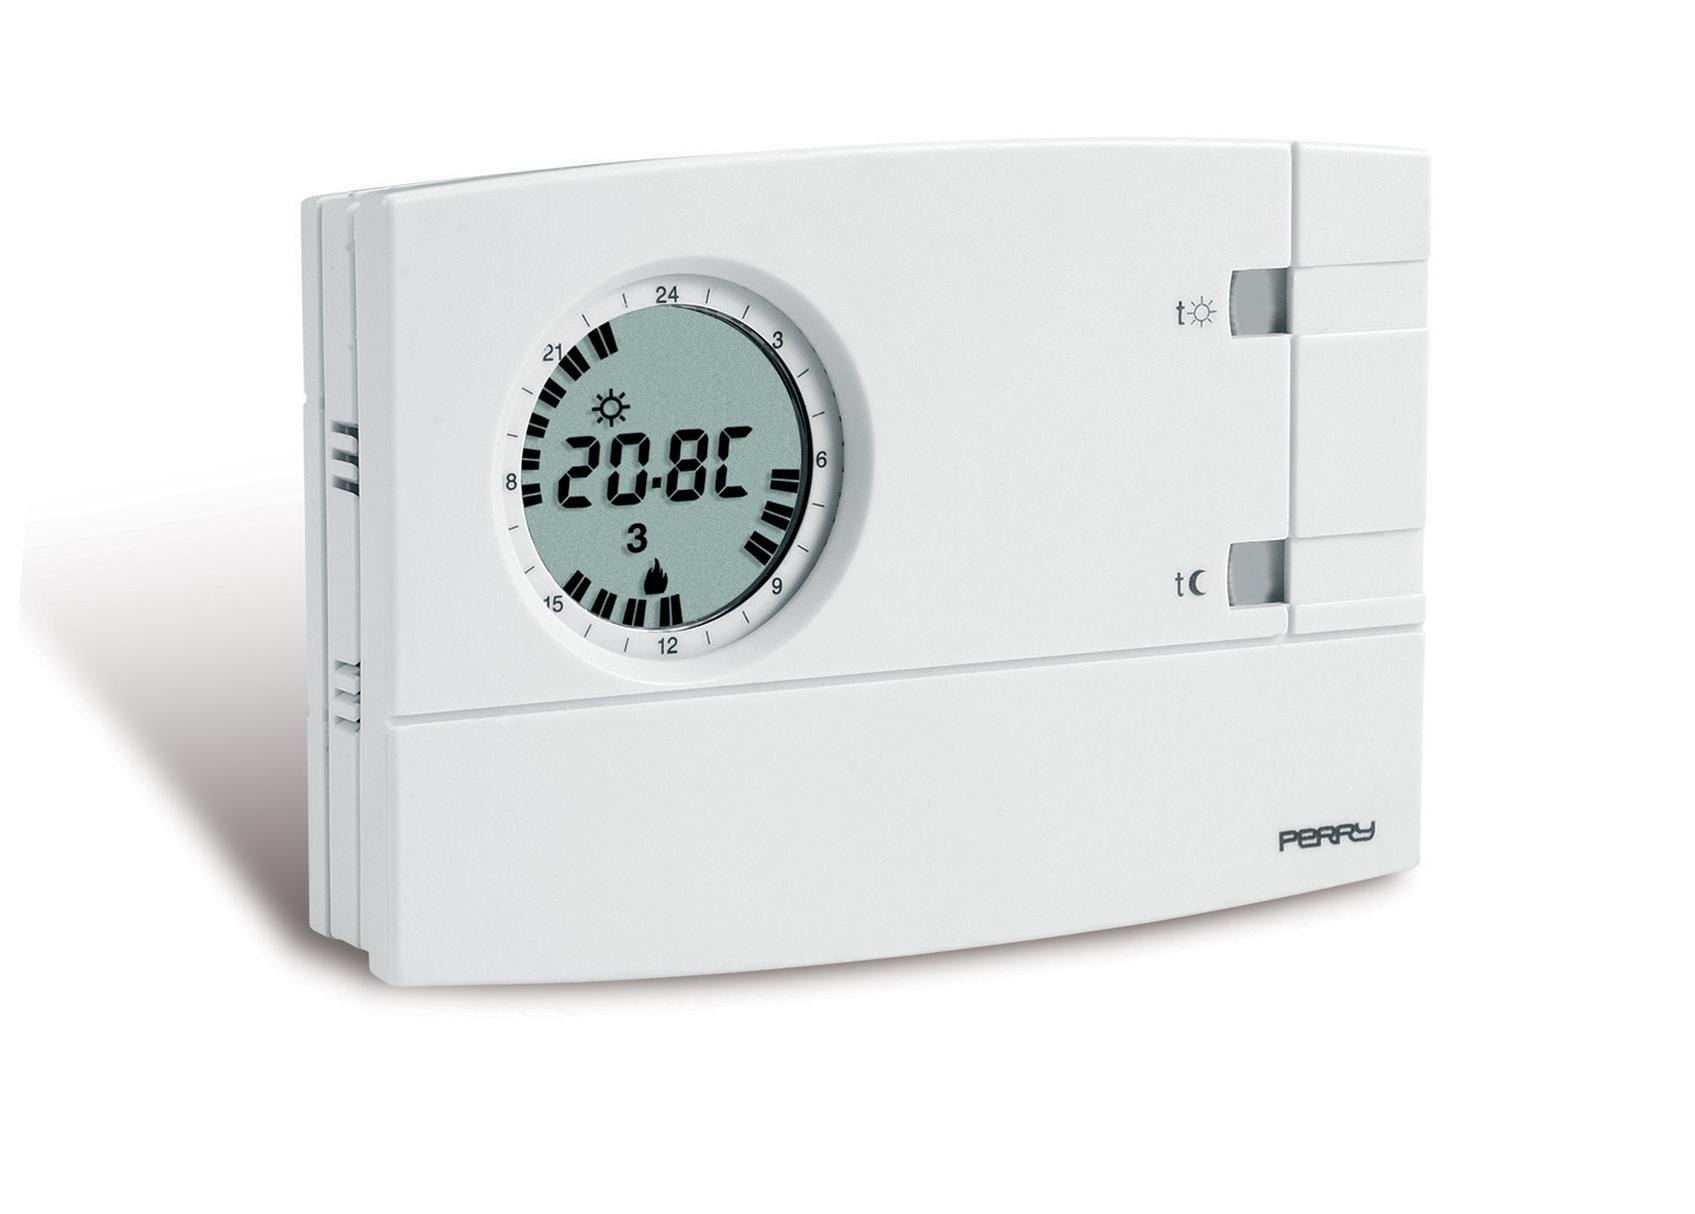 Termostato perry easy manuale istruzioni for Istruzioni termostato bticino